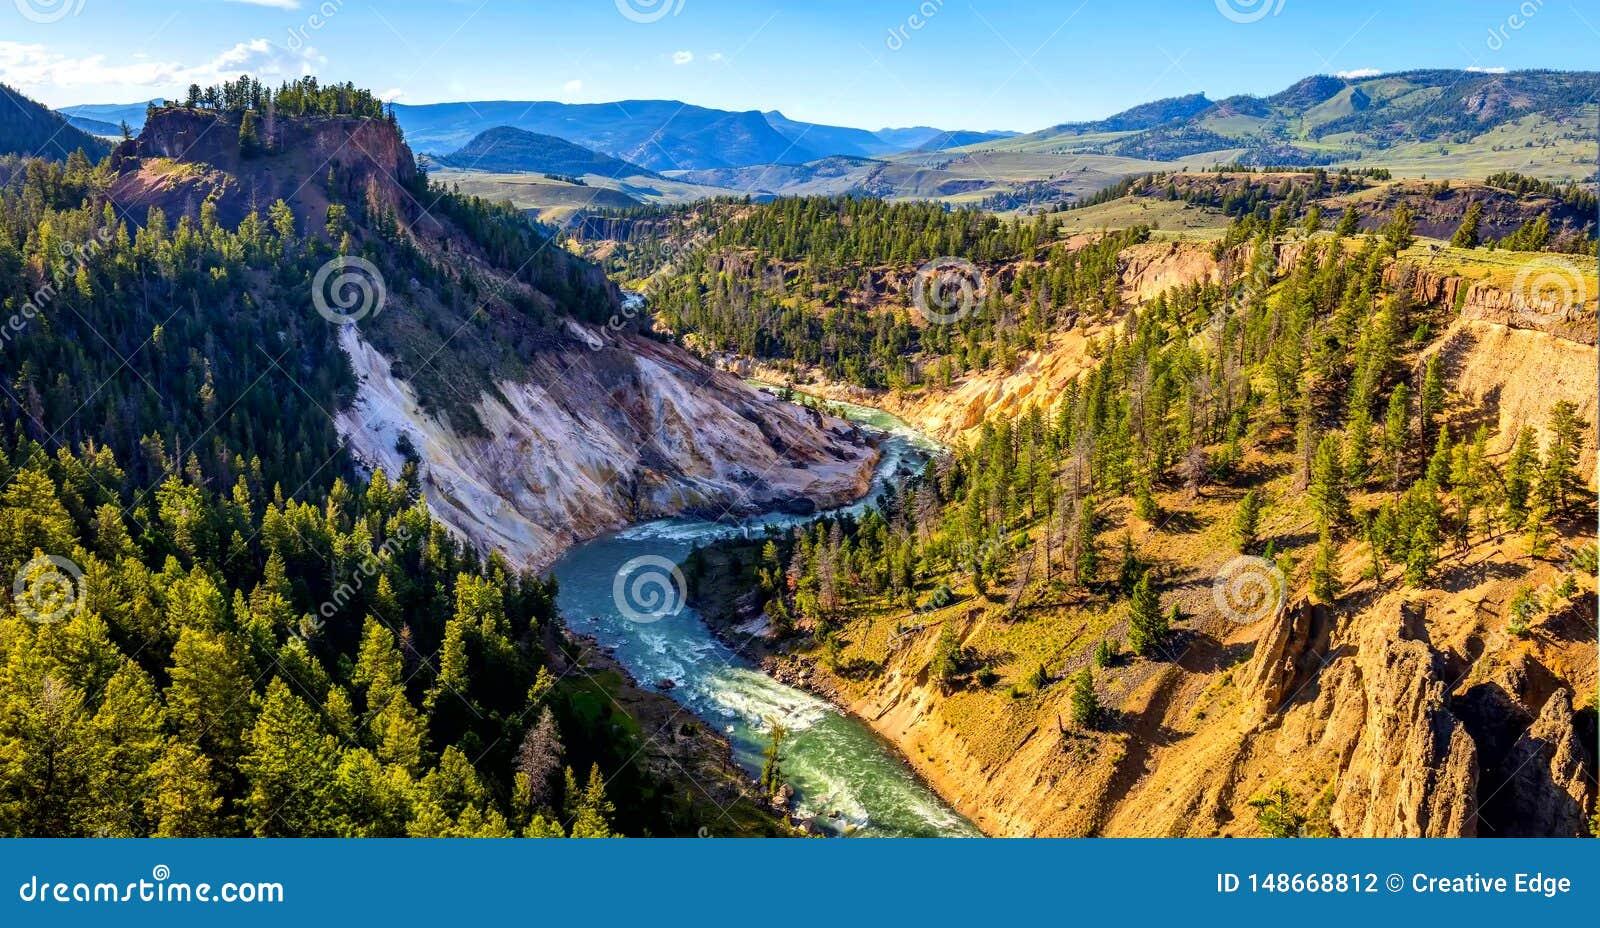 Εικόνα αποθεμάτων Geyser δυτικών αντίχειρων της λεκάνης, εθνικό πάρκο Yellowstone, ΗΠΑ